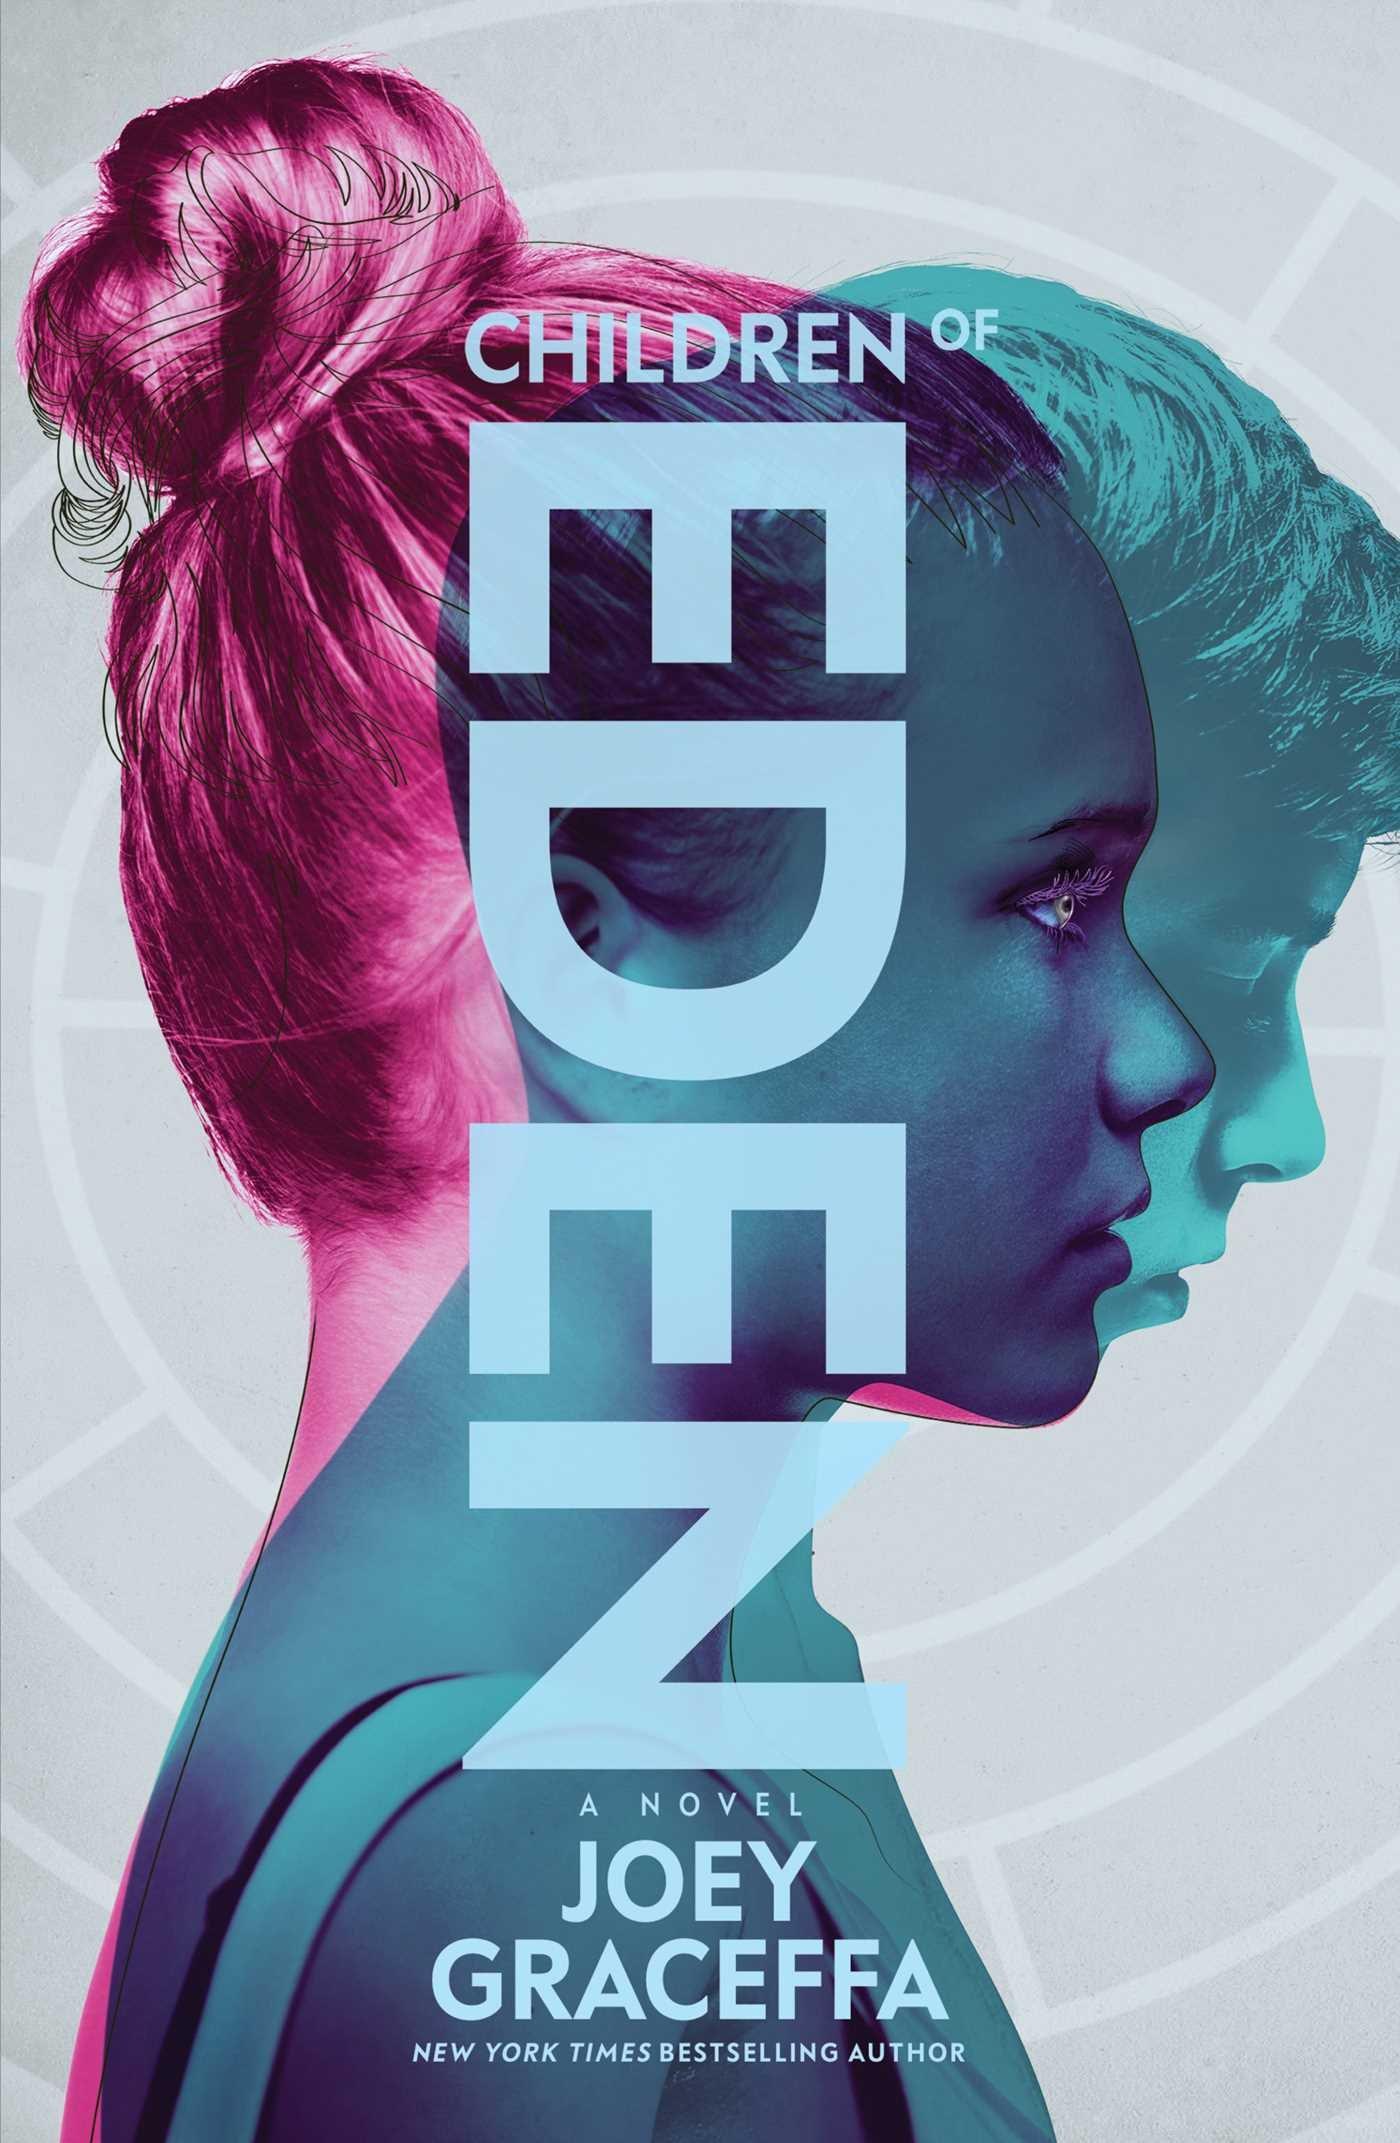 Children of Eden: A Novel (Eden 1): Amazon.co.uk: Joey Graceffa:  9781471160509: Books